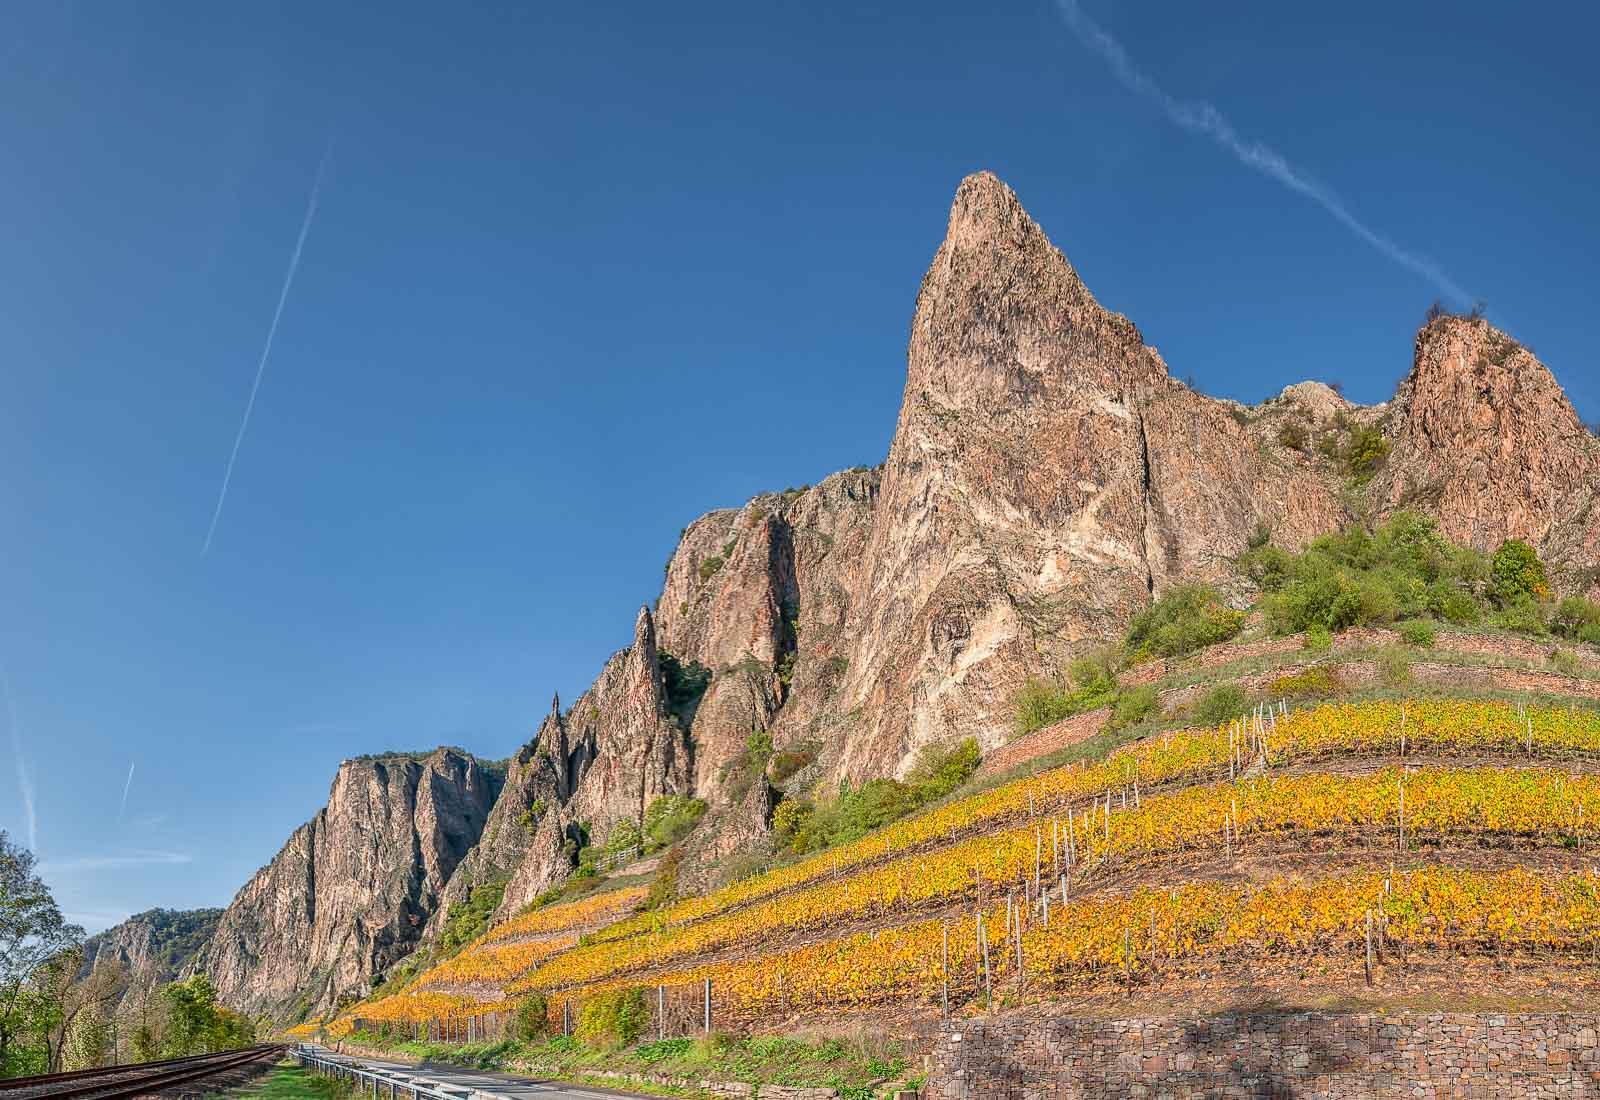 Die Traiser Bastei liegt unterhalb des Rotenfels bei Bad Münster. Vorne links verläuft eine Straße neben Bahngleisen. Unter den spitzen Felsen liegt der Weinberg. Die Himmel ist blau.